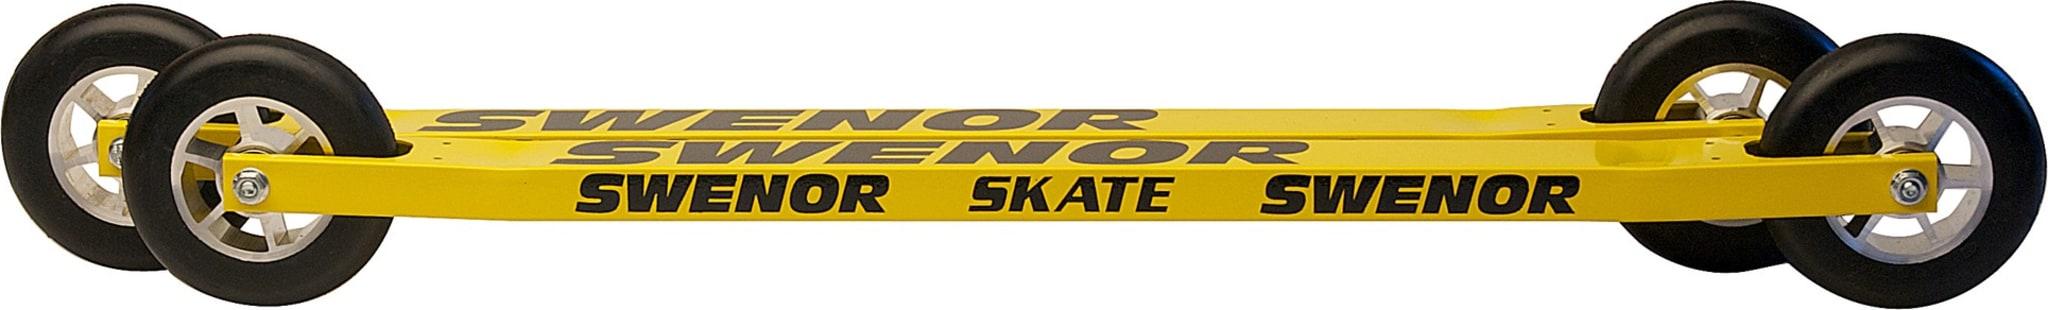 En litt lenger utgave av vanlige Swenor Skate, for litt mer retningsstabilitet